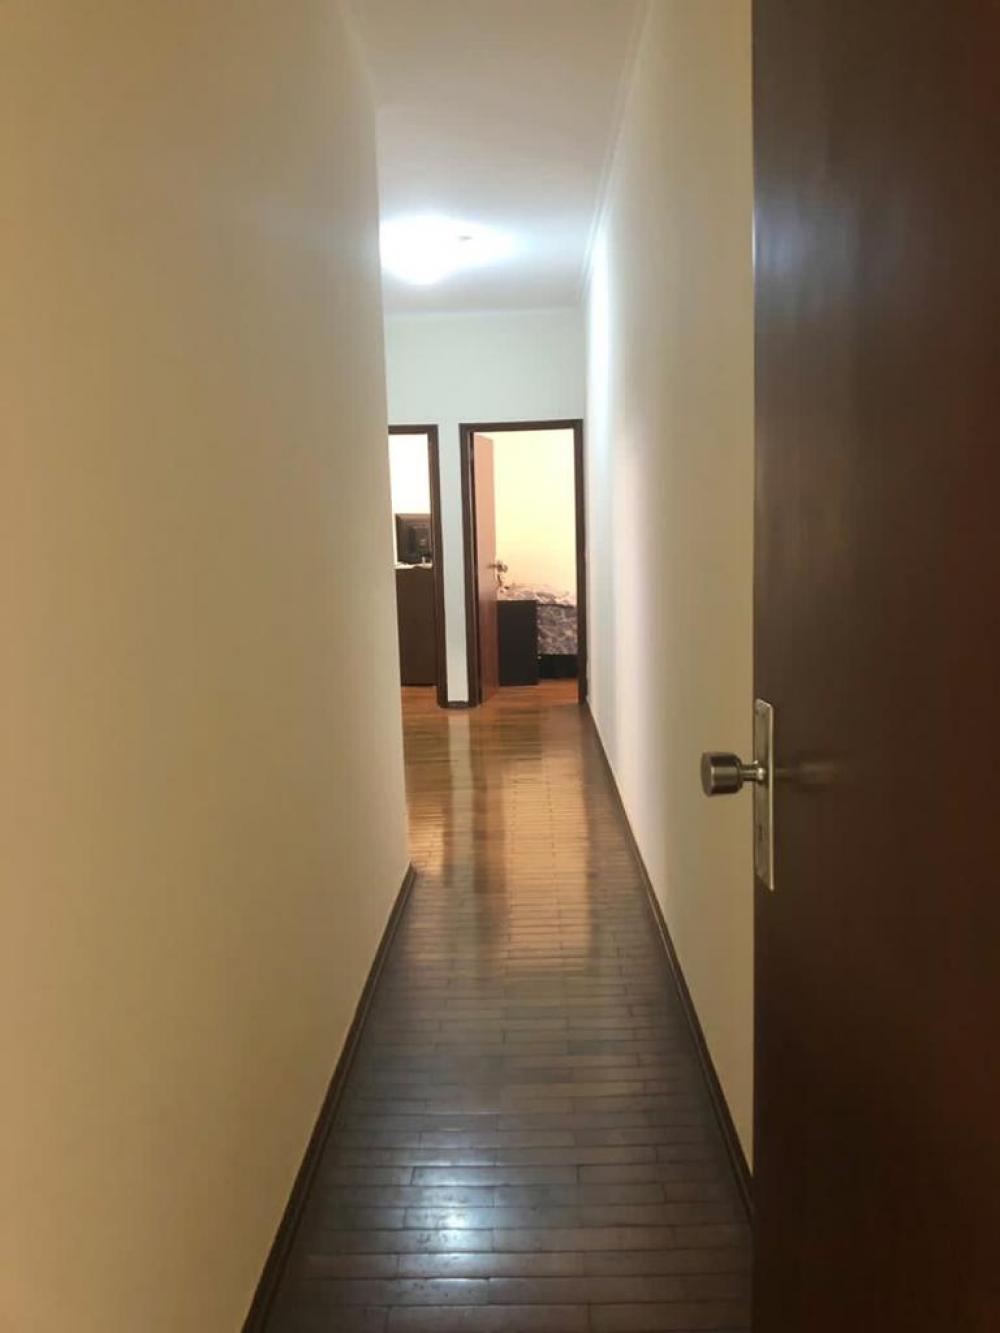 Comprar Casa / Padrão em Ribeirão Preto R$ 550.000,00 - Foto 17